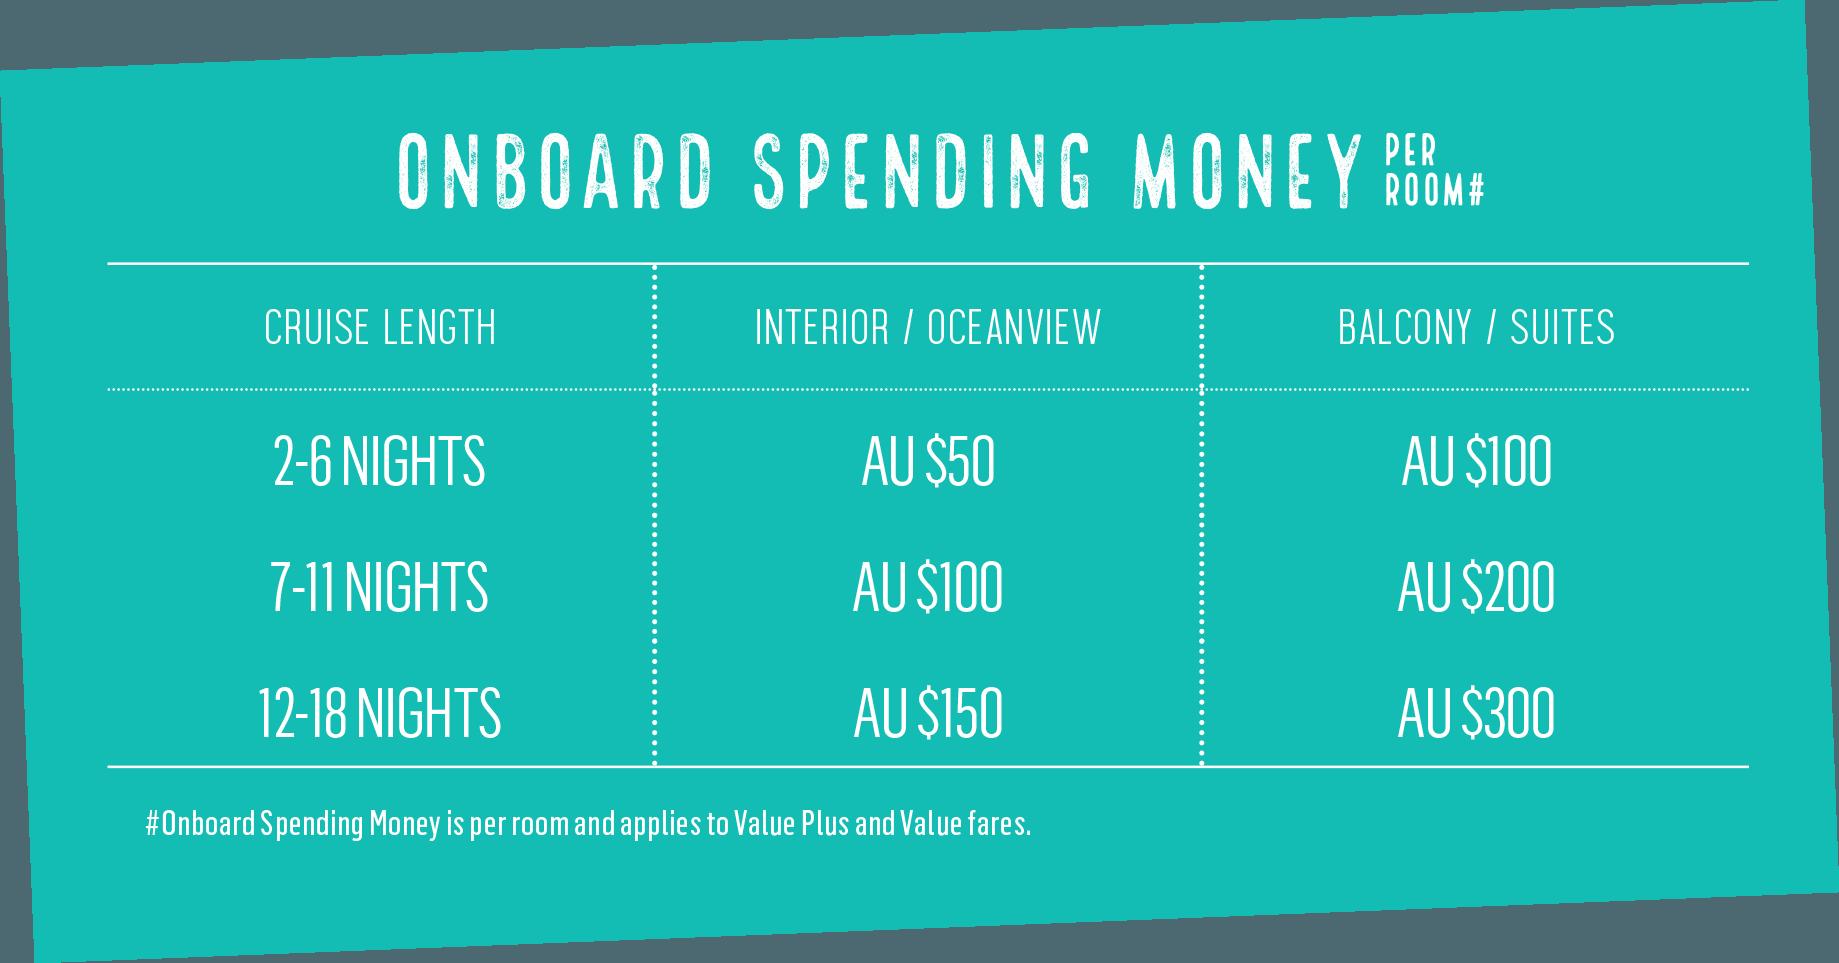 Onboard Spending Money